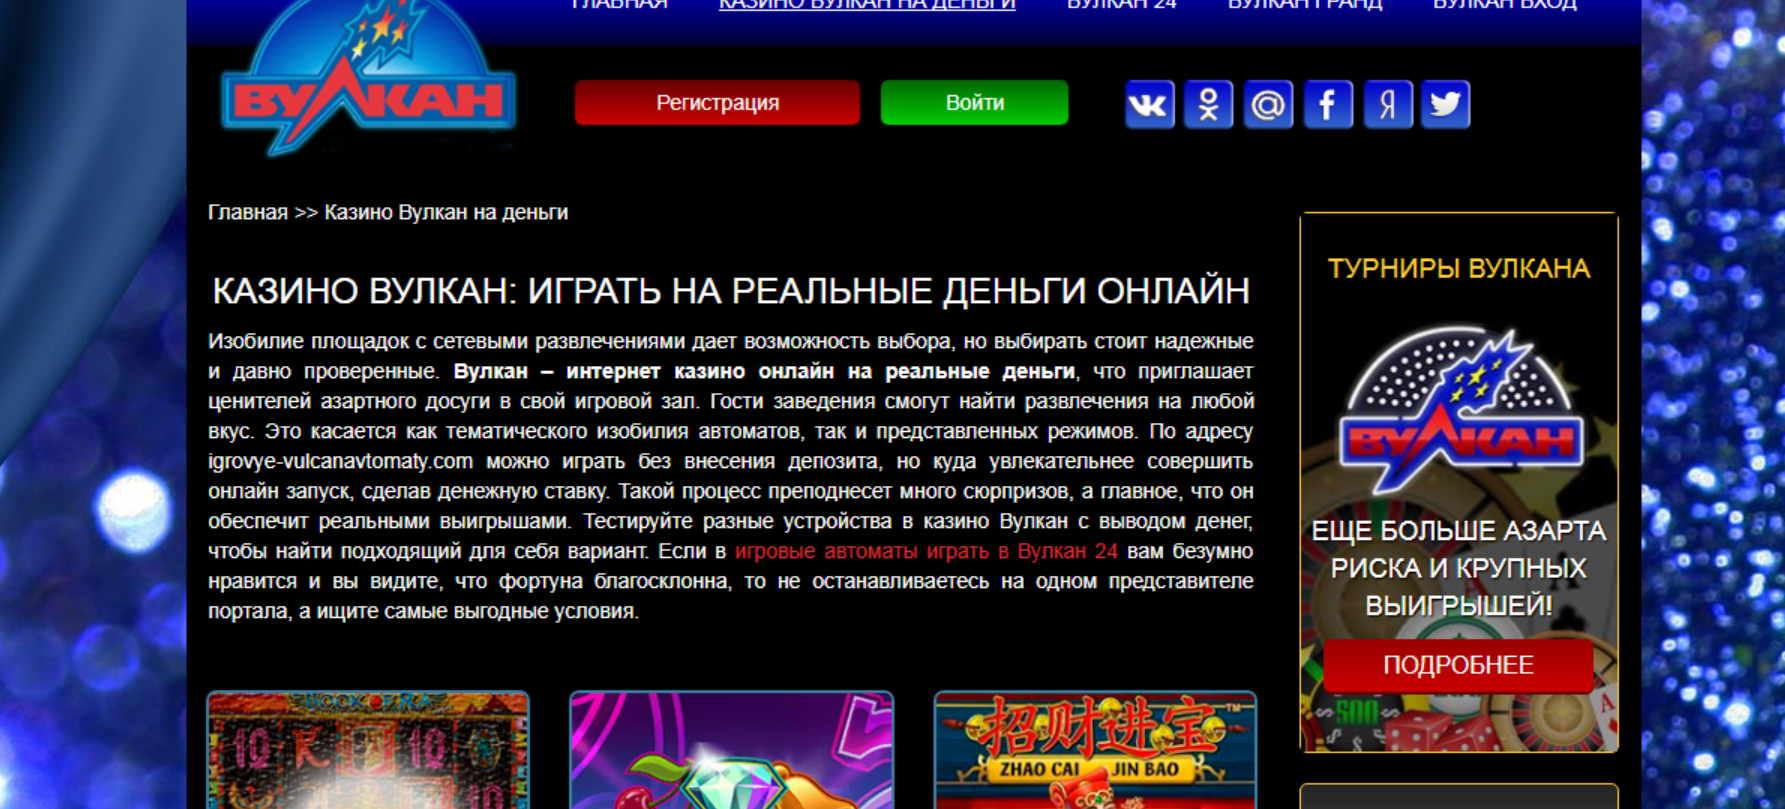 Вулкан бонус без депозита за регистрацию с выводом денег игровые автоматы bitcoin игровые автоматы